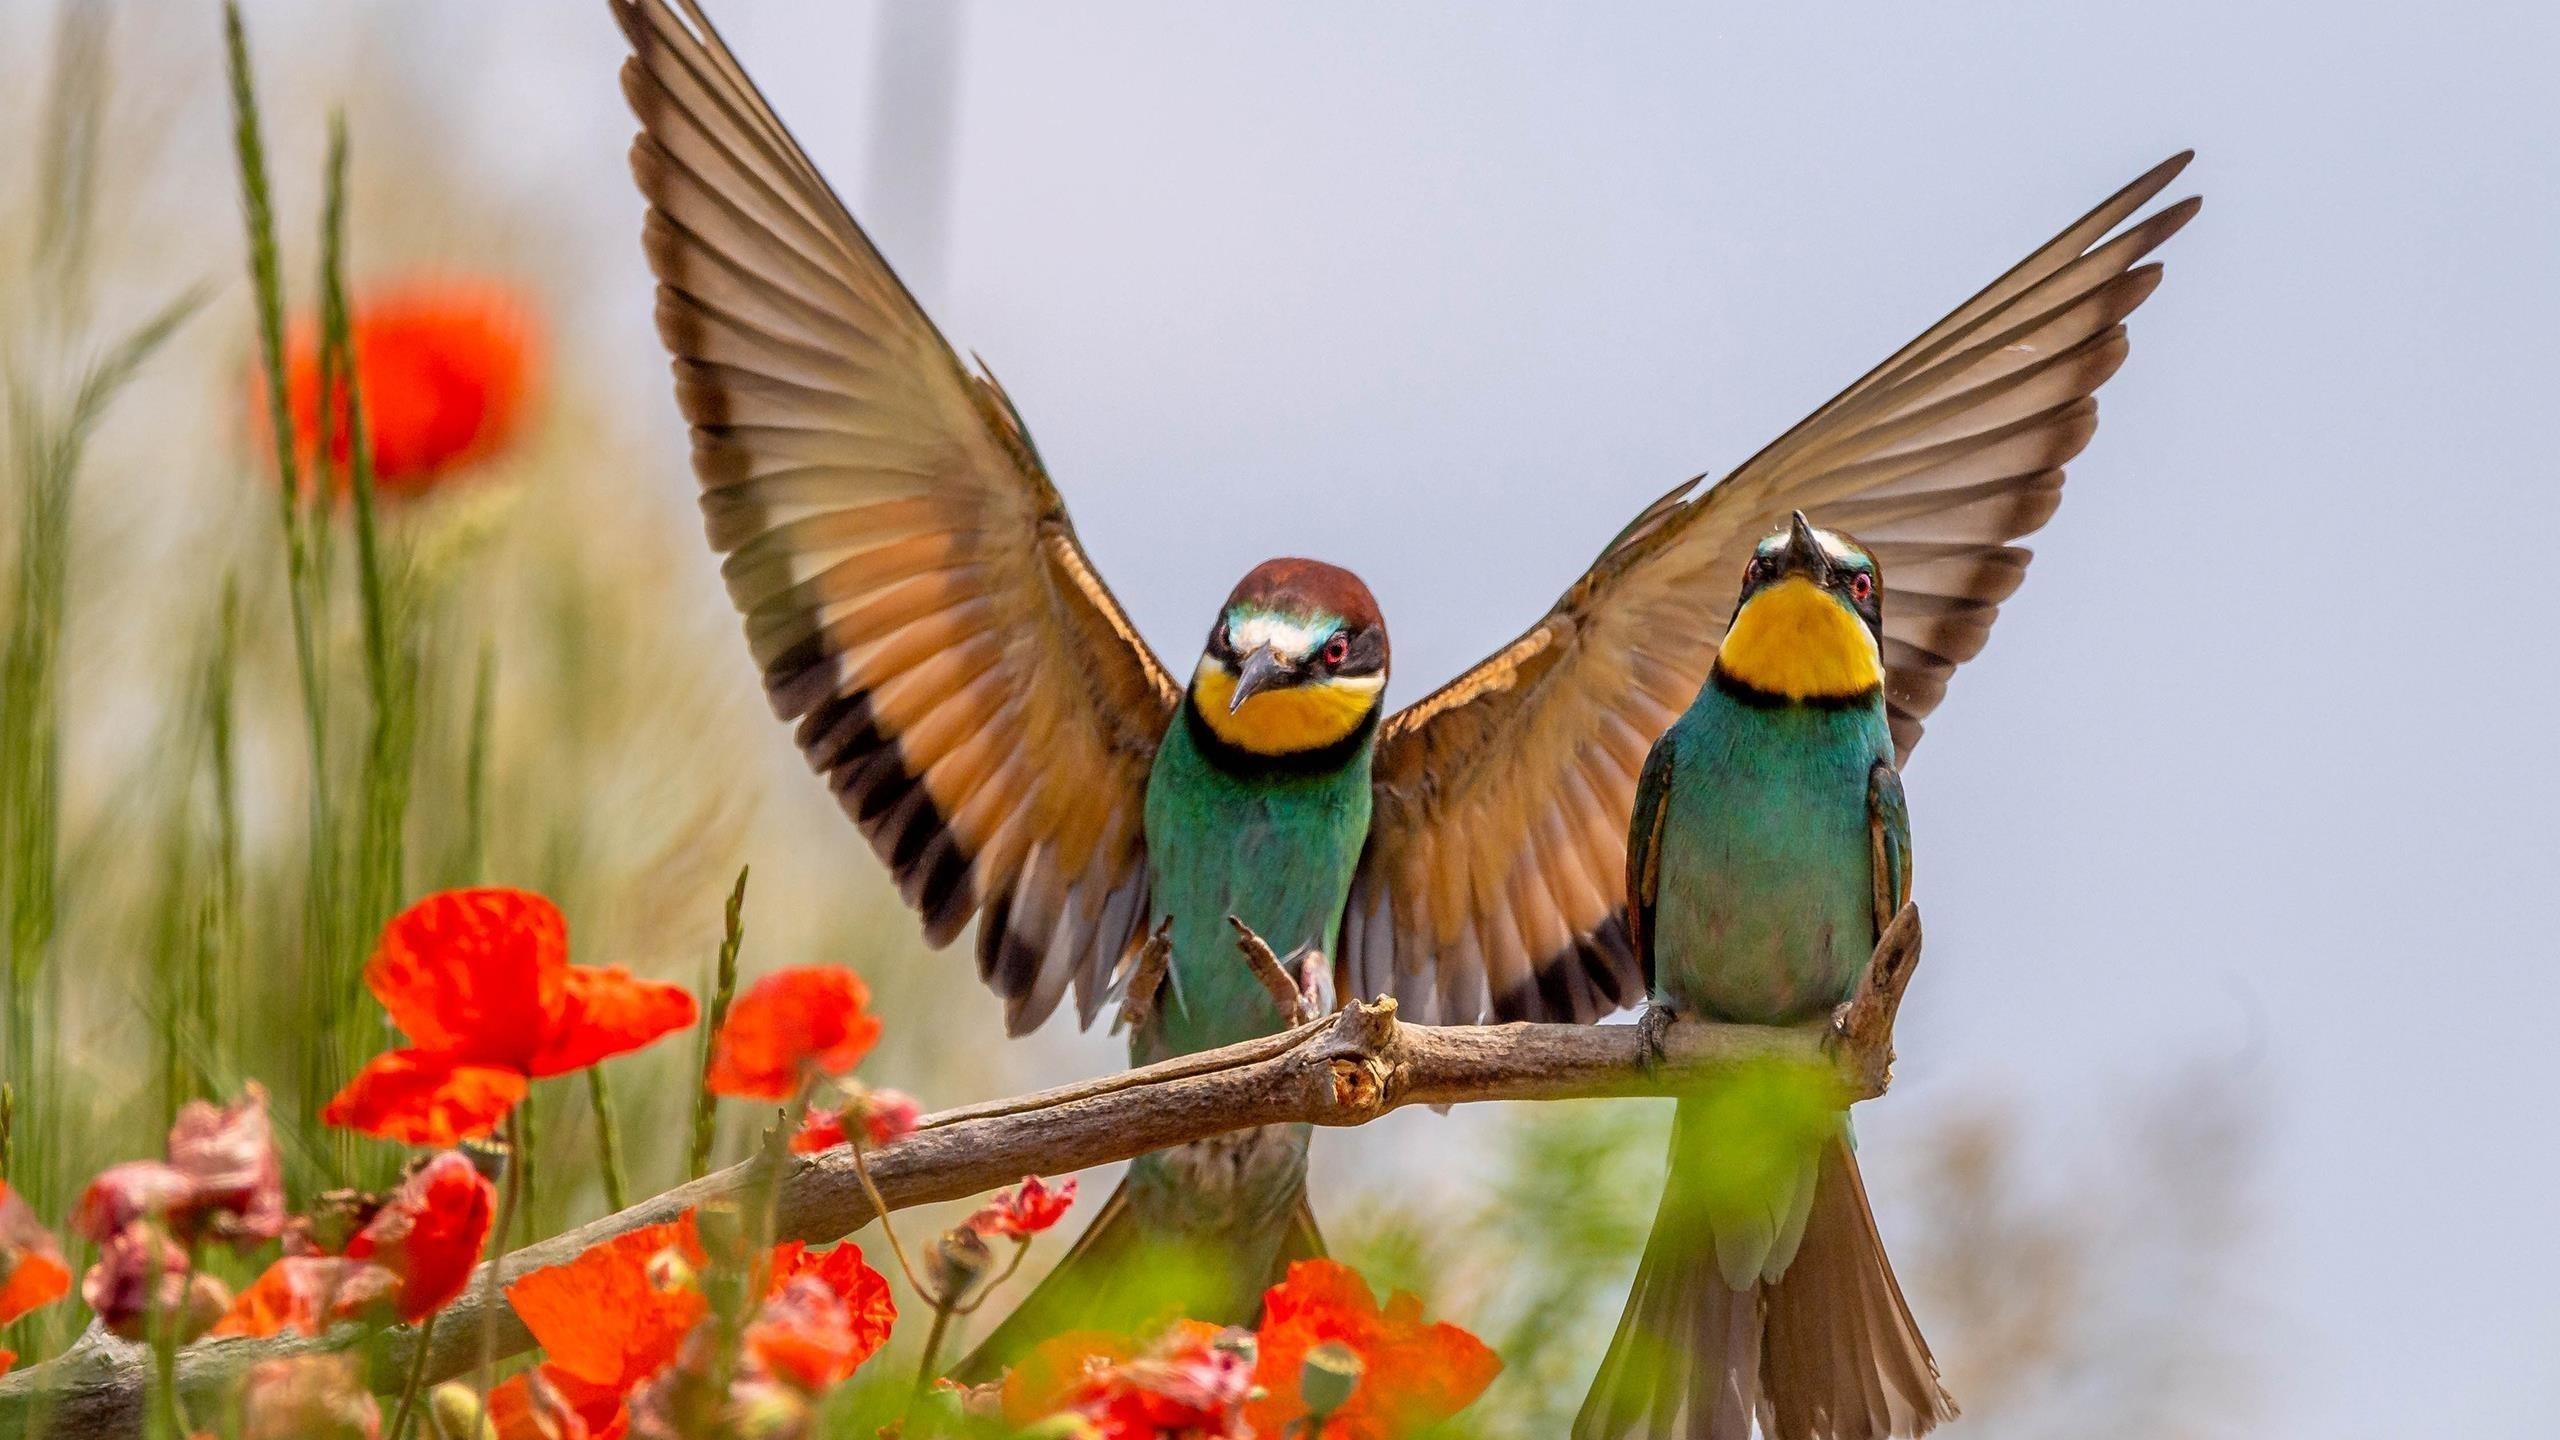 Две зелено-желтые европейские птицы-пчелоеды на деревянной палочке на фоне белого неба птицы обои скачать